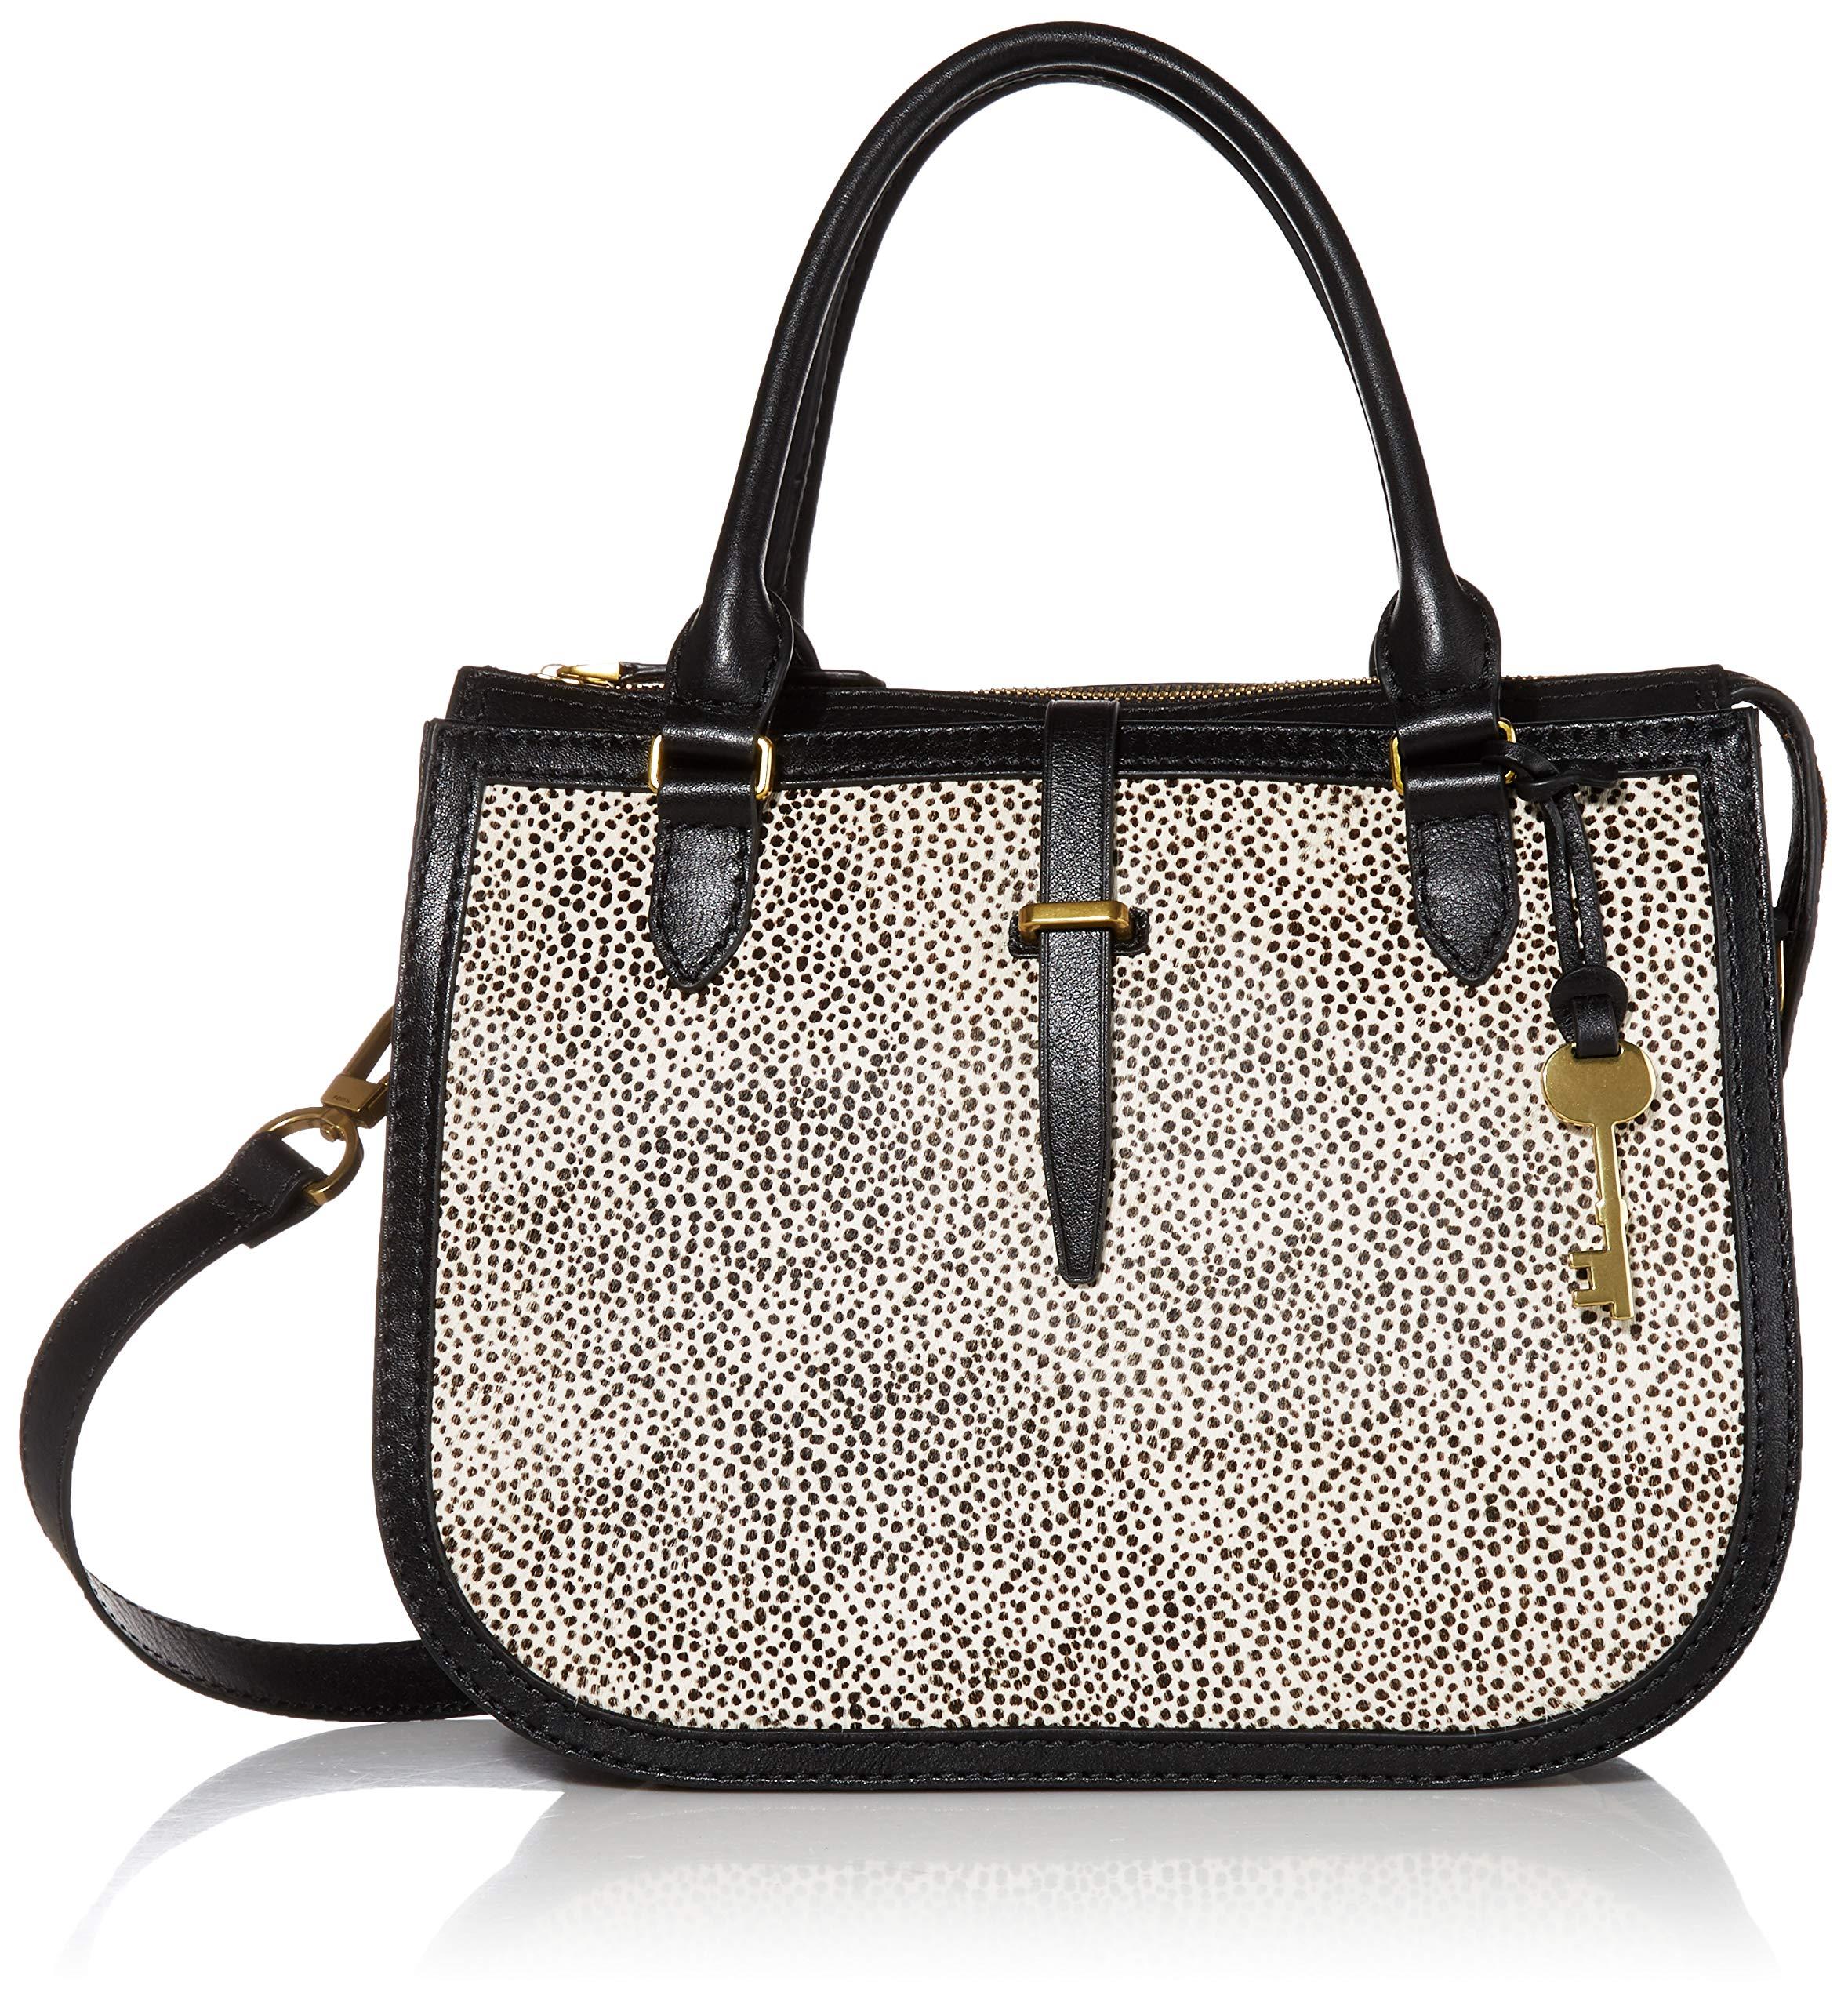 Fossil Ryder Satchel Purse Handbag